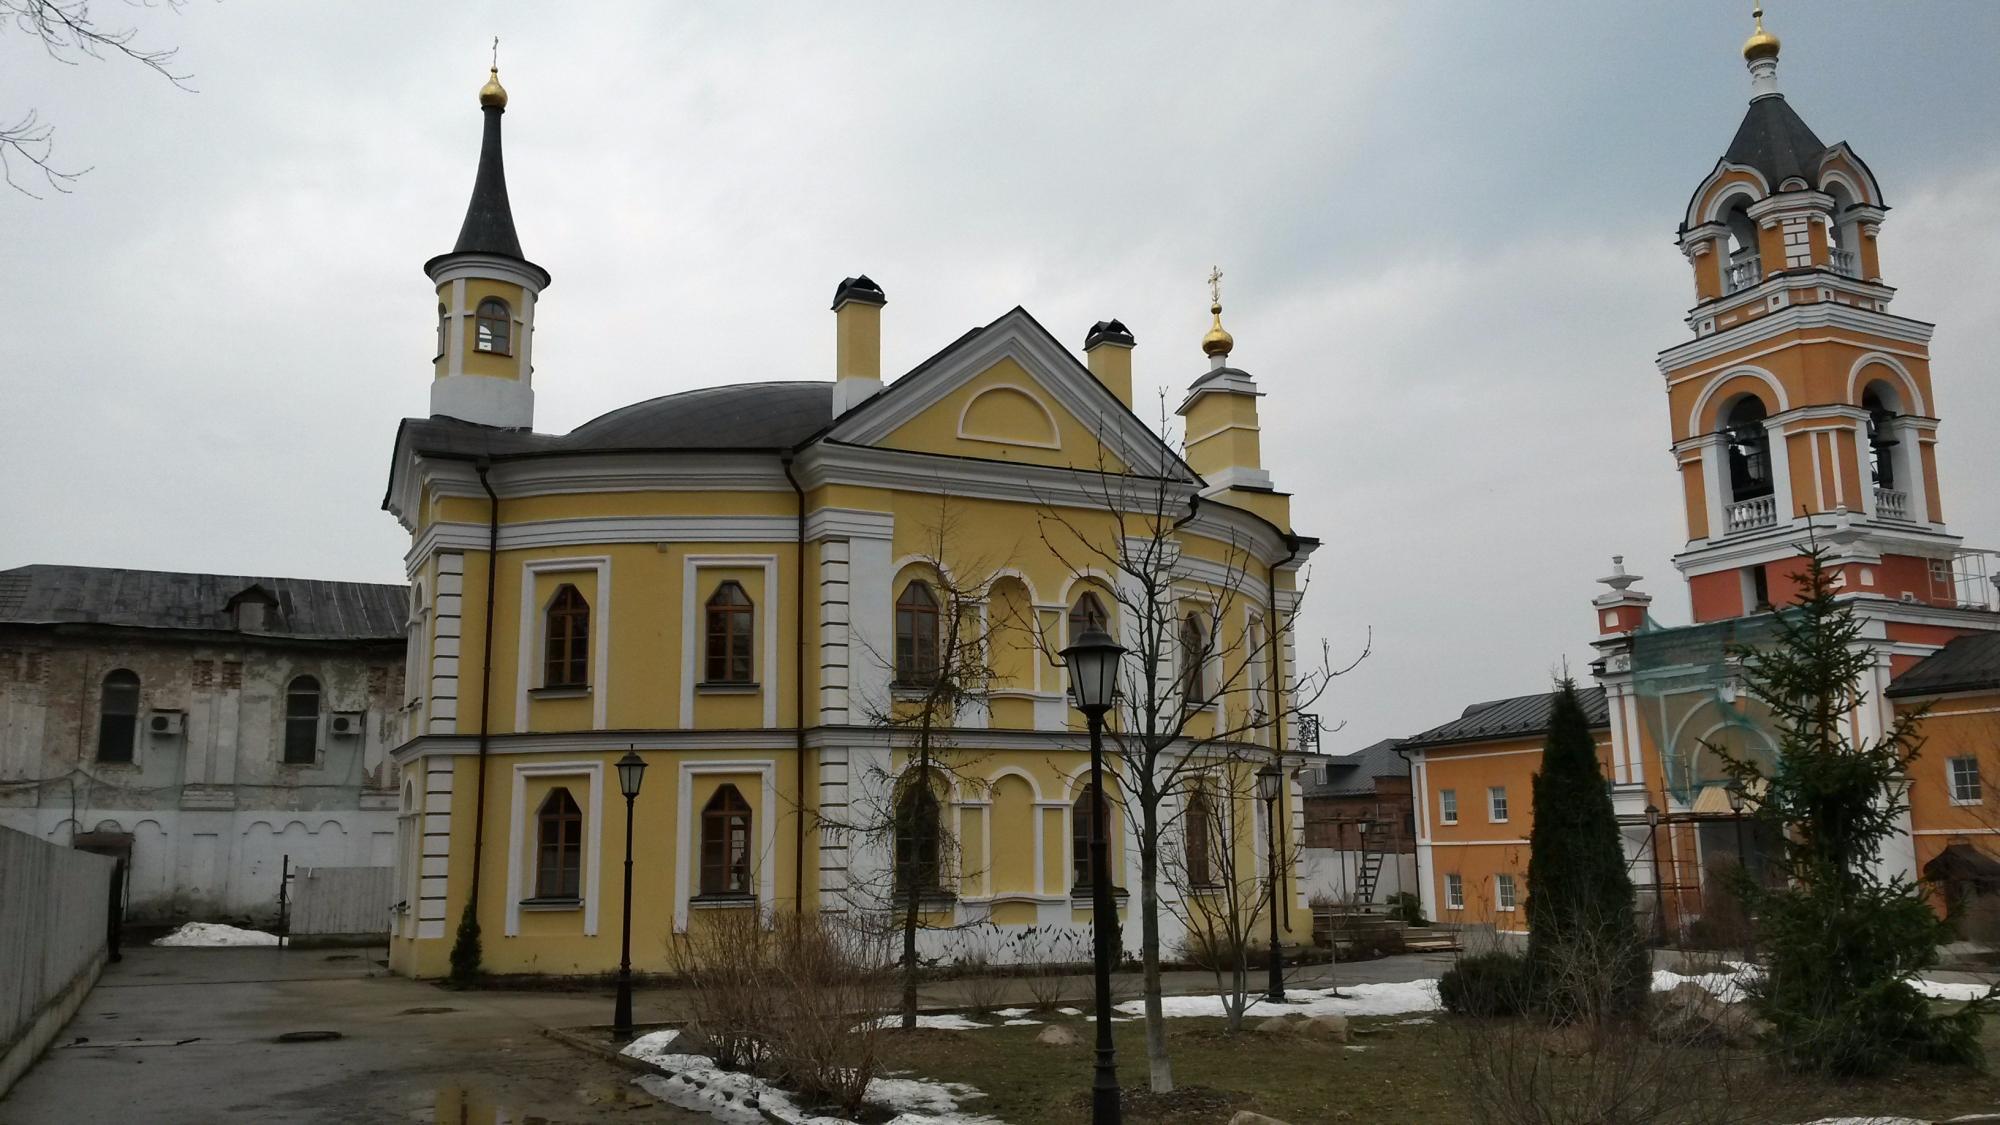 Спасо-Вифанский монастырь, Сергиев Посад, Россия